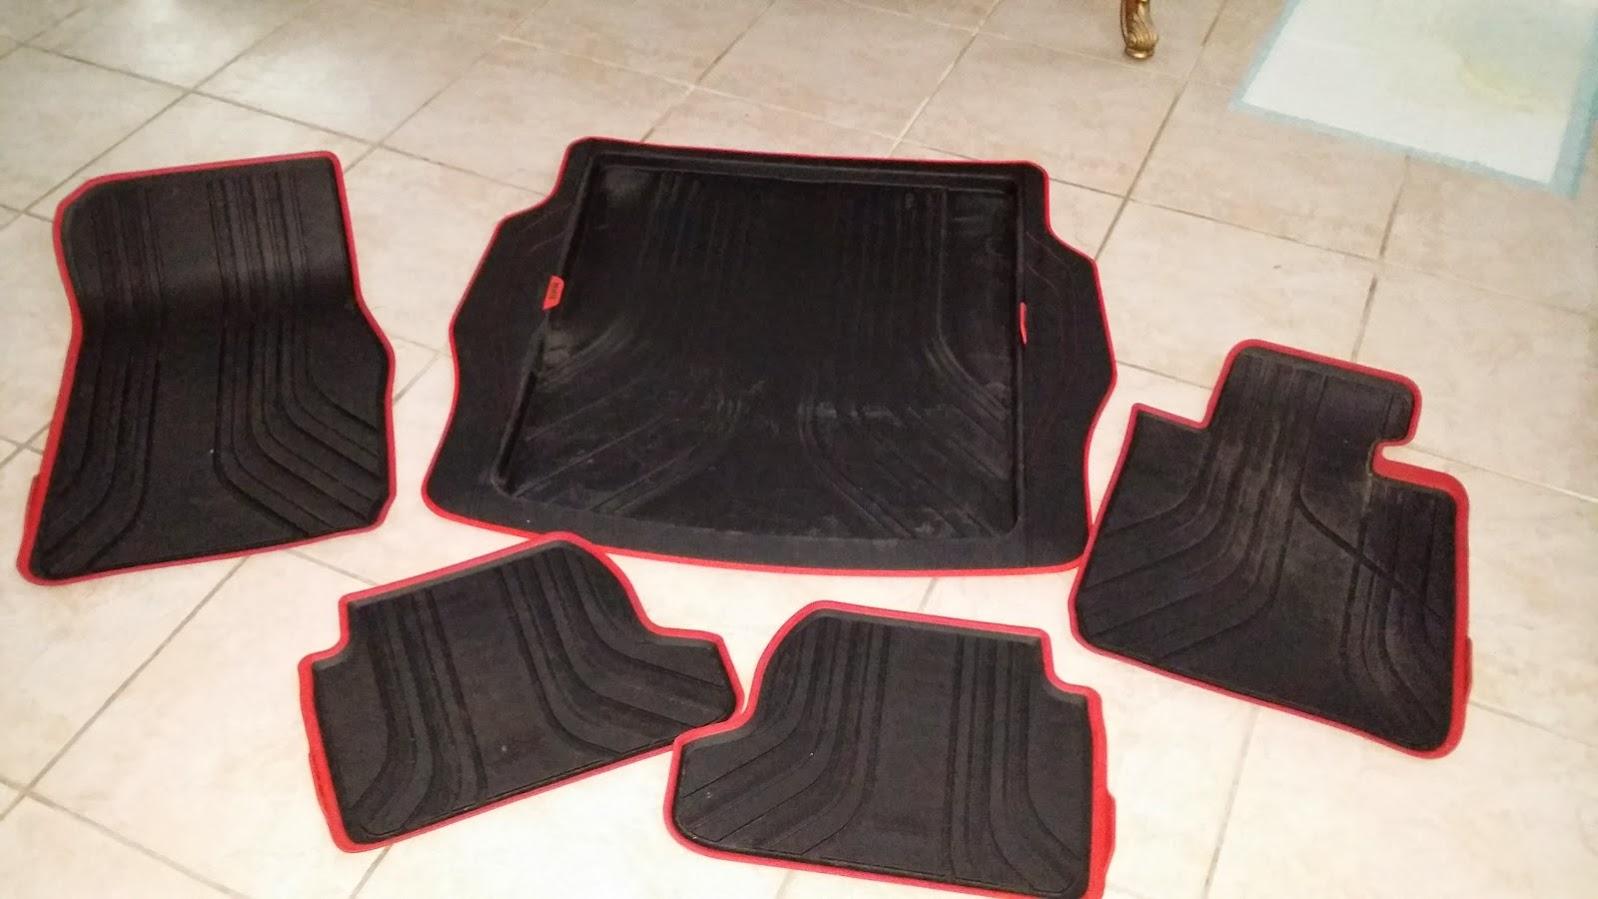 Bmw floor mats z4 - Mat Sfor Sale Pic